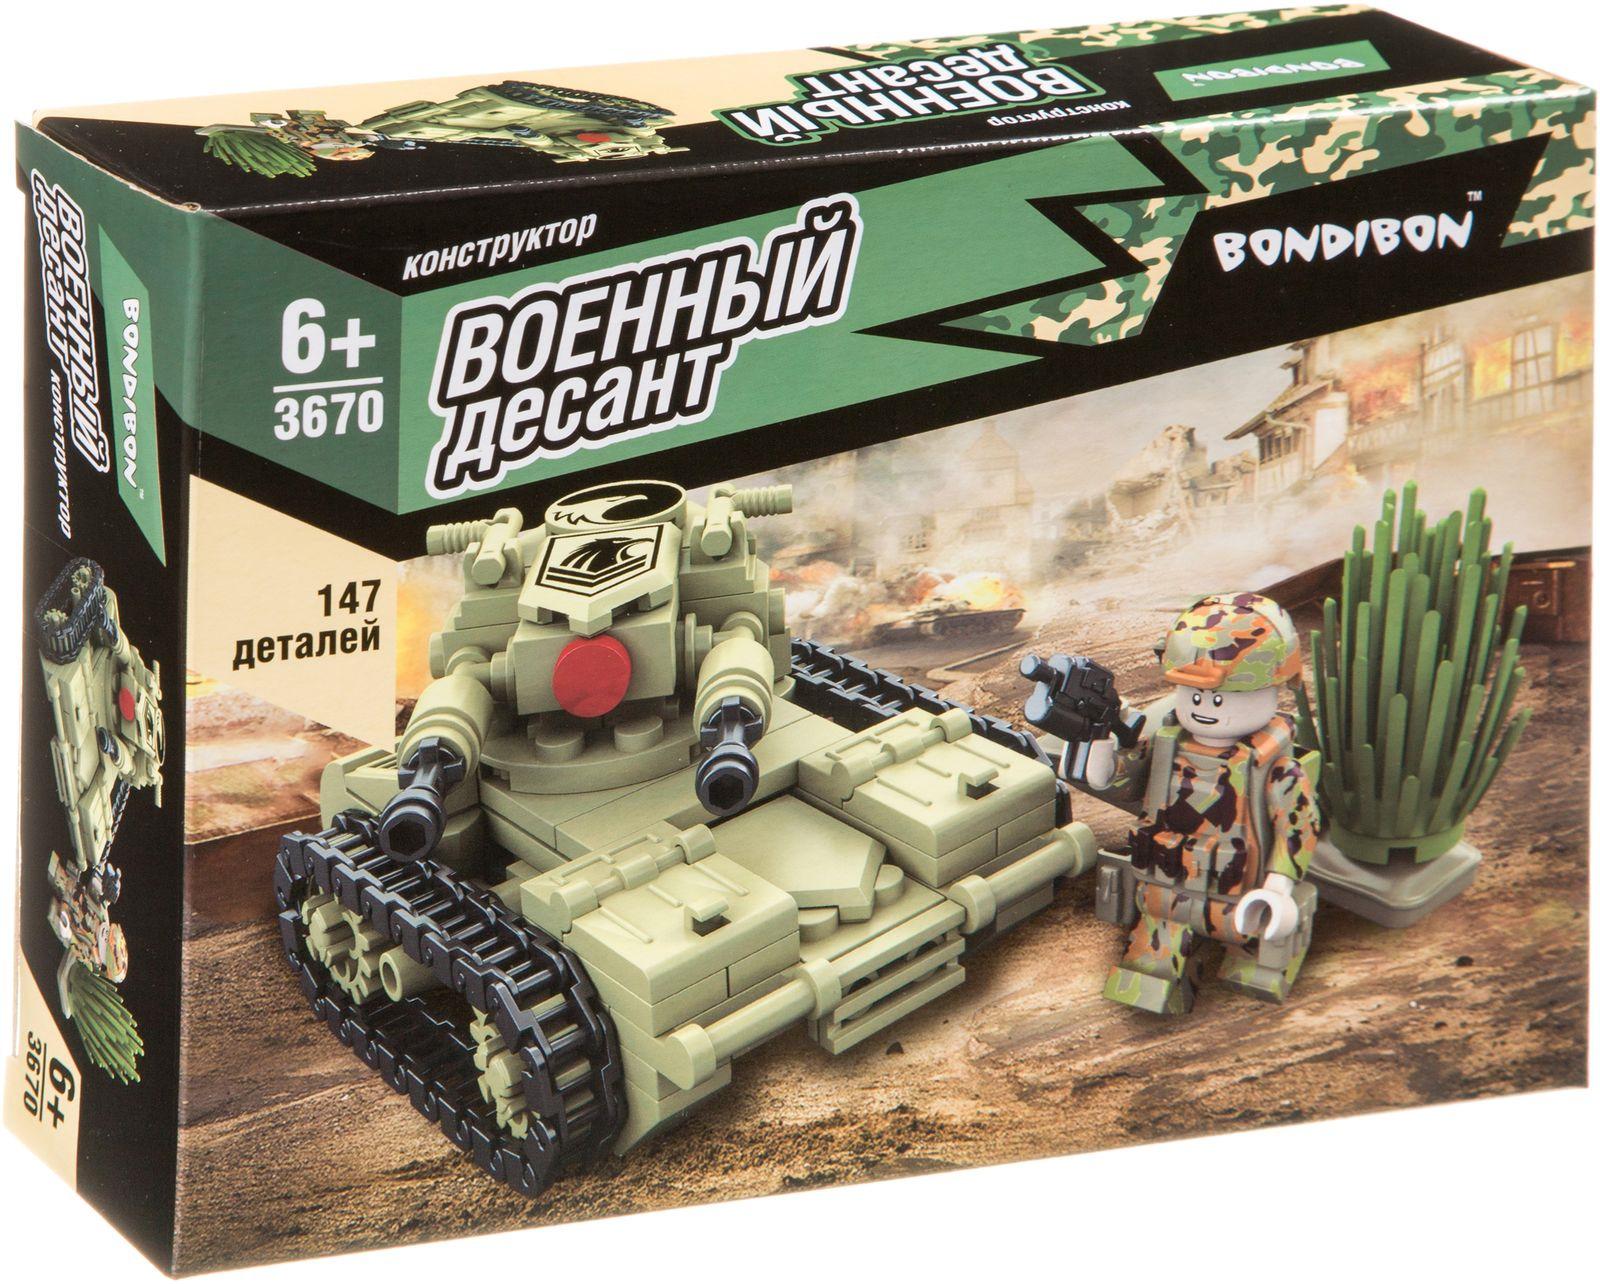 Пластиковый конструктор Bondibon Военный десант Танк, ВВ3670